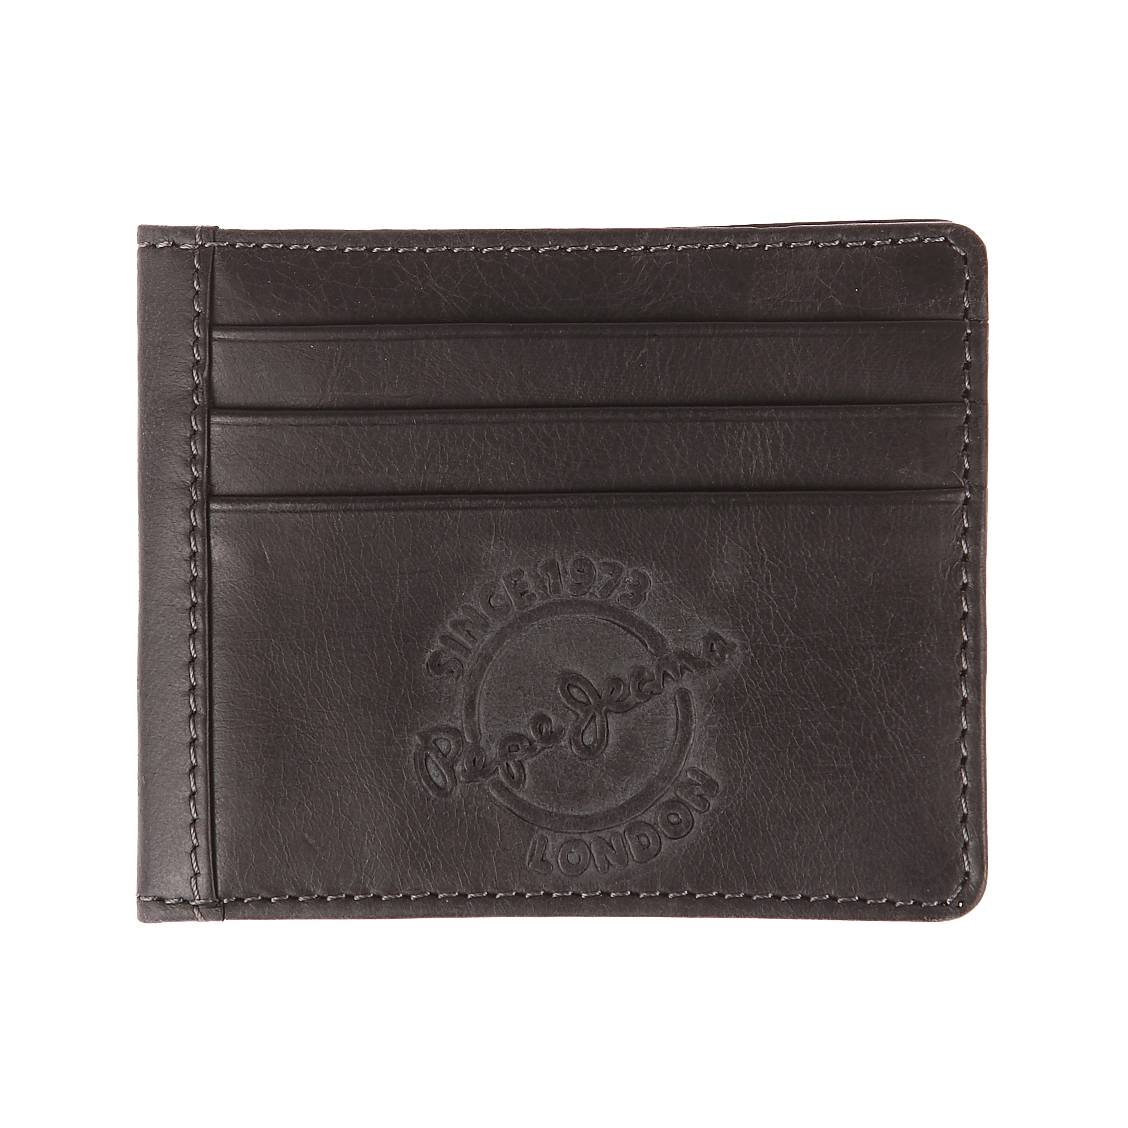 Porte-cartes italien 2 volets Pepe Jeans Accessoires en cuir noir. Porte-cartes italien 2 volets Pepe Jeans Accessoires en cuir noir